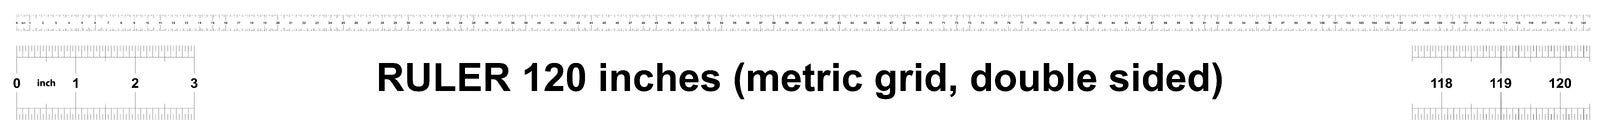 Правитель 120 дюймов метрический Цена разделения 0 05 дюймов Двойник правителя встал на сторону Точный измеряя инструмент Решетка иллюстрация вектора